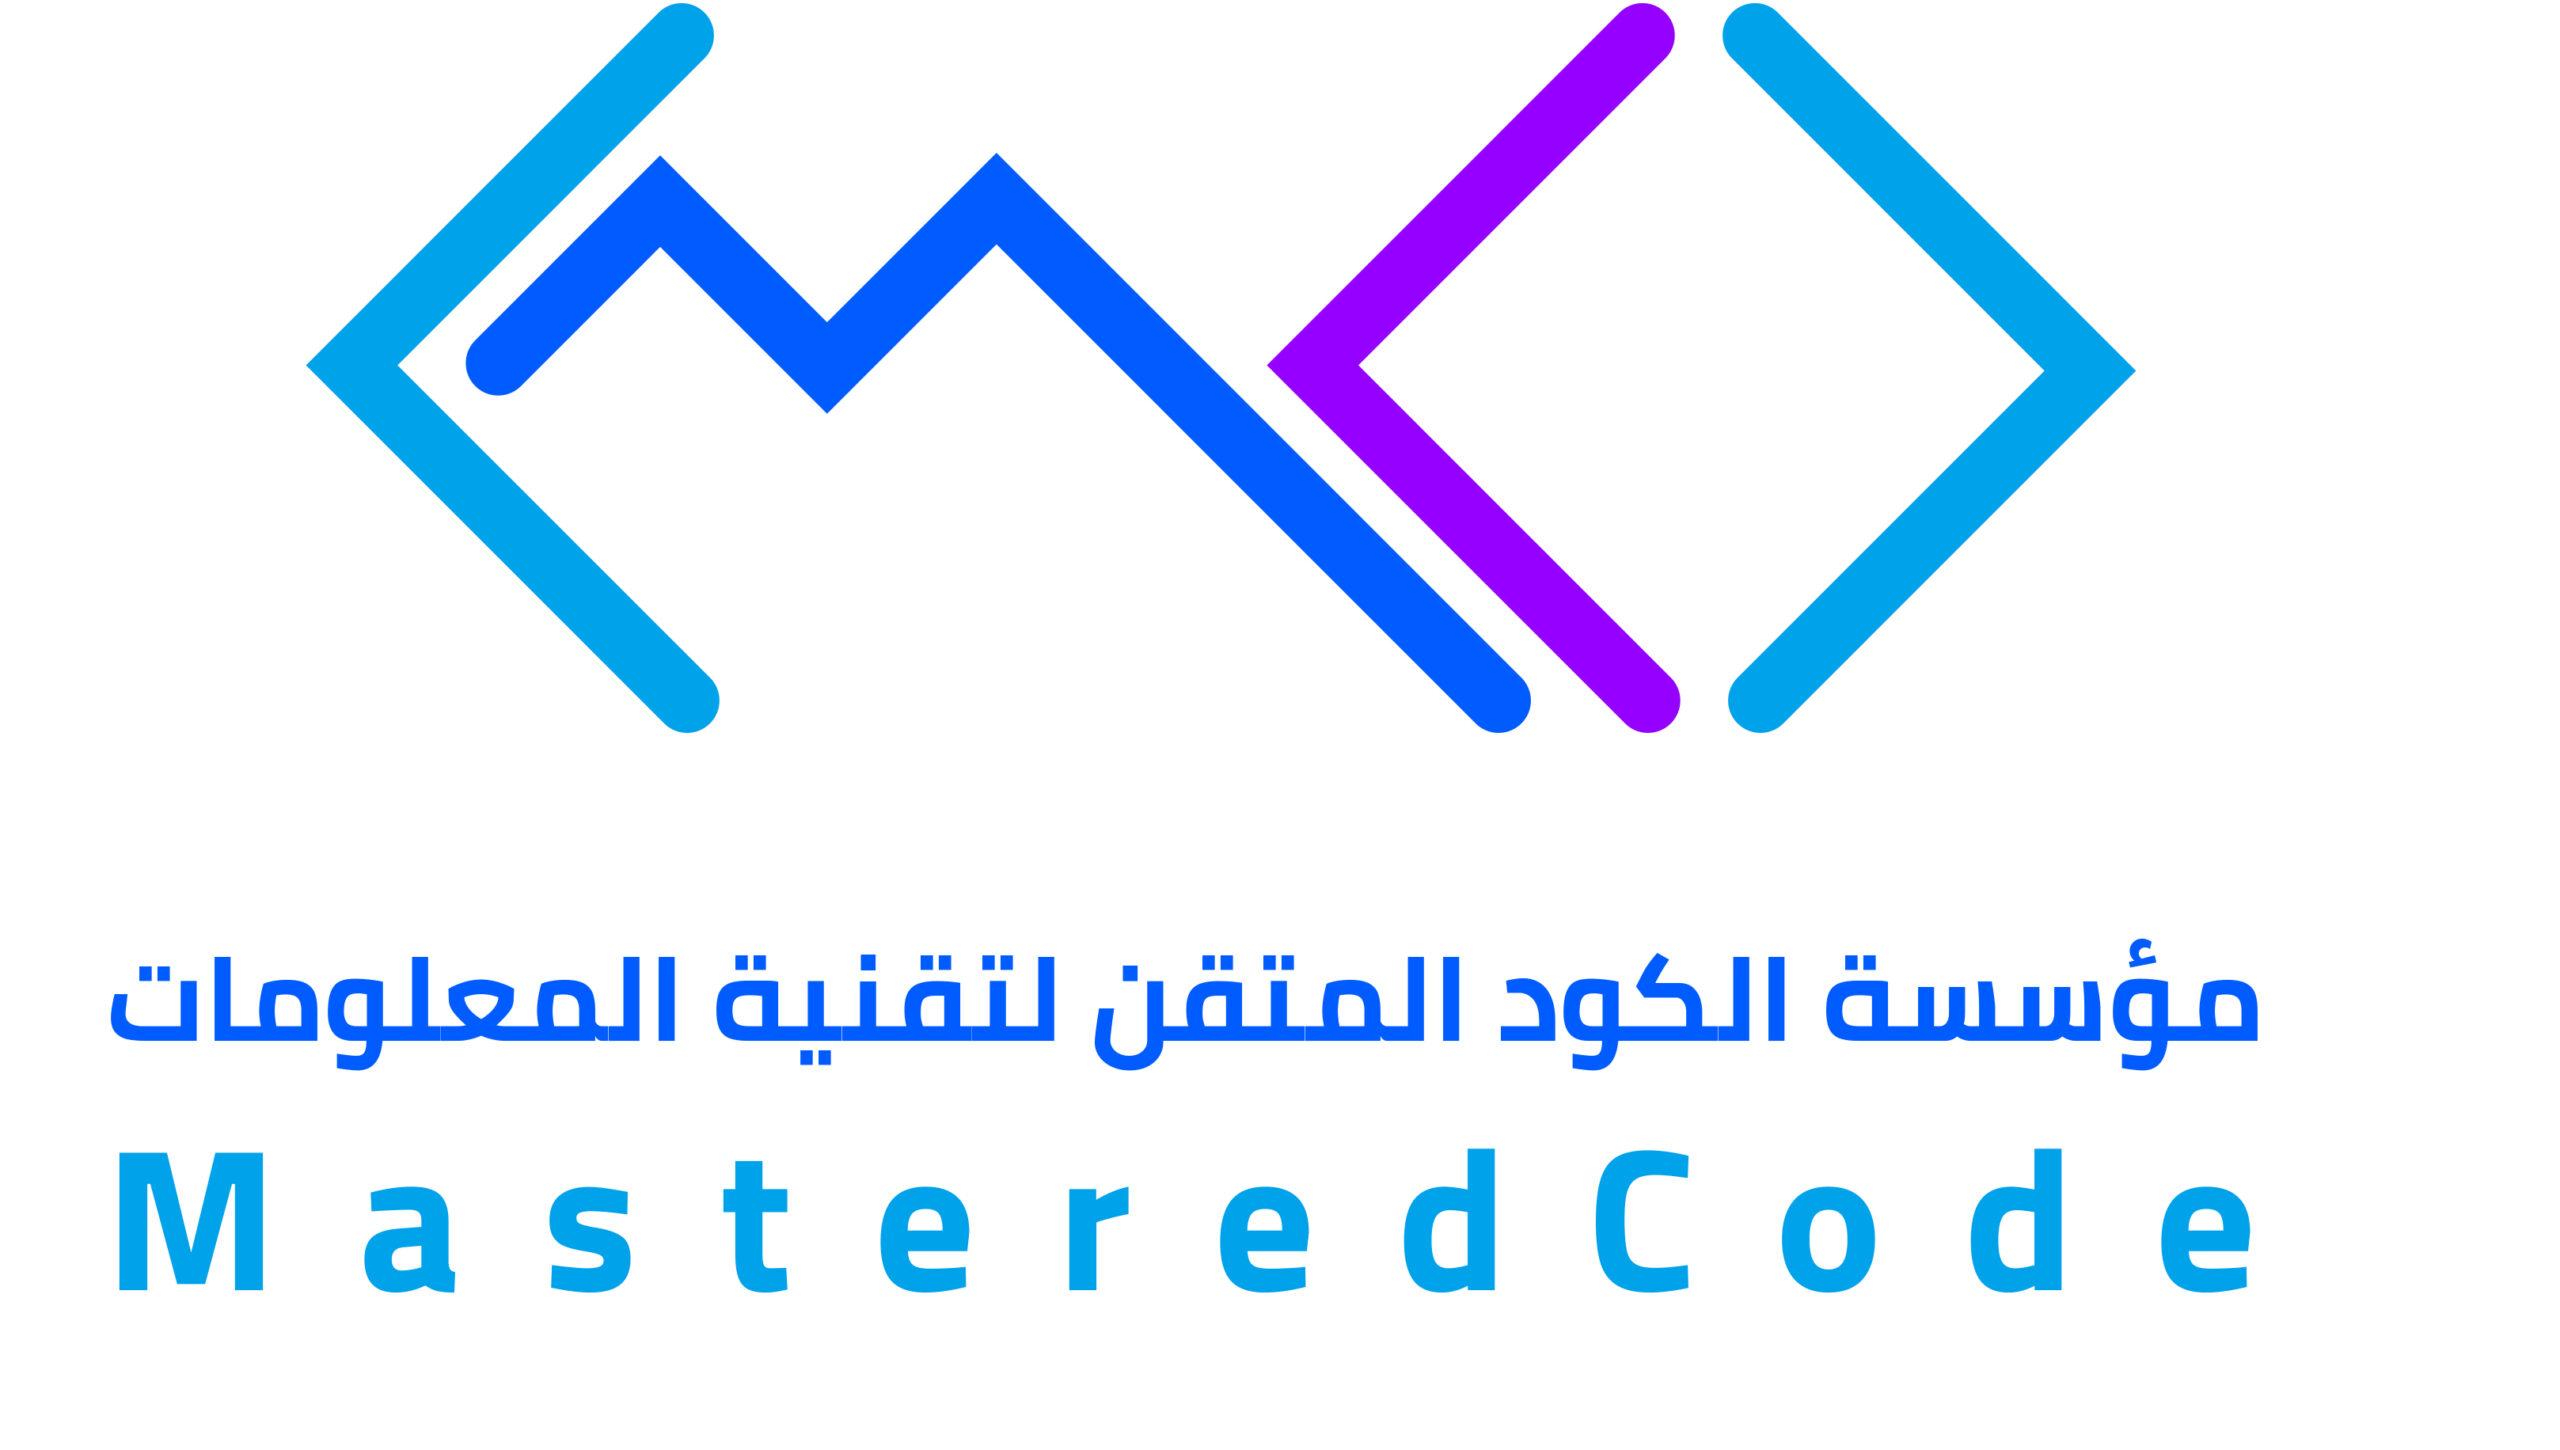 ماسترد كود | Mastered Code